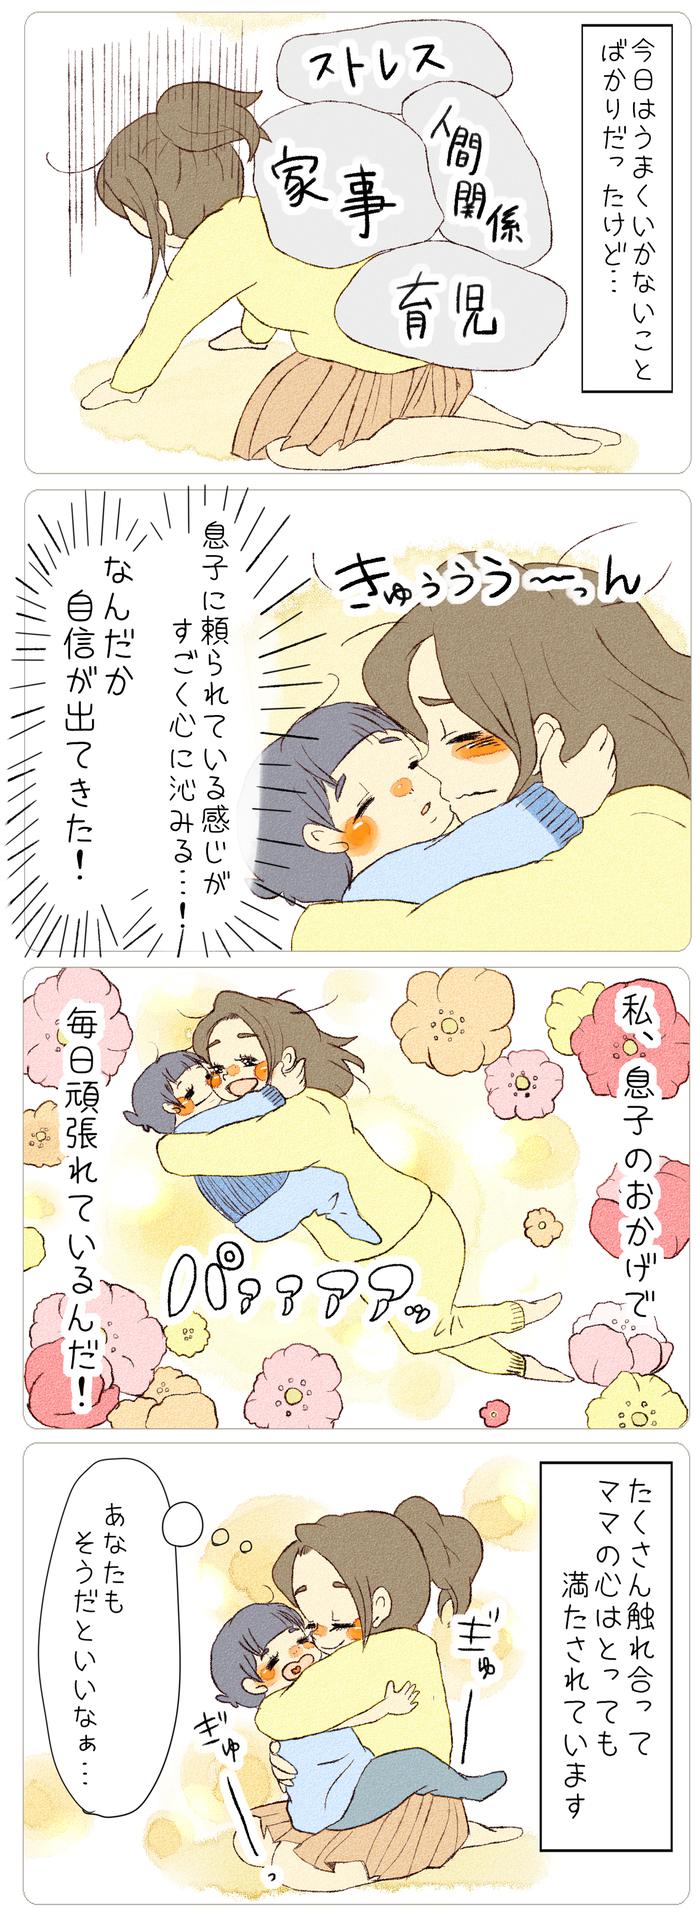 息子を「抱きしめること」で、私が得られているものの画像2